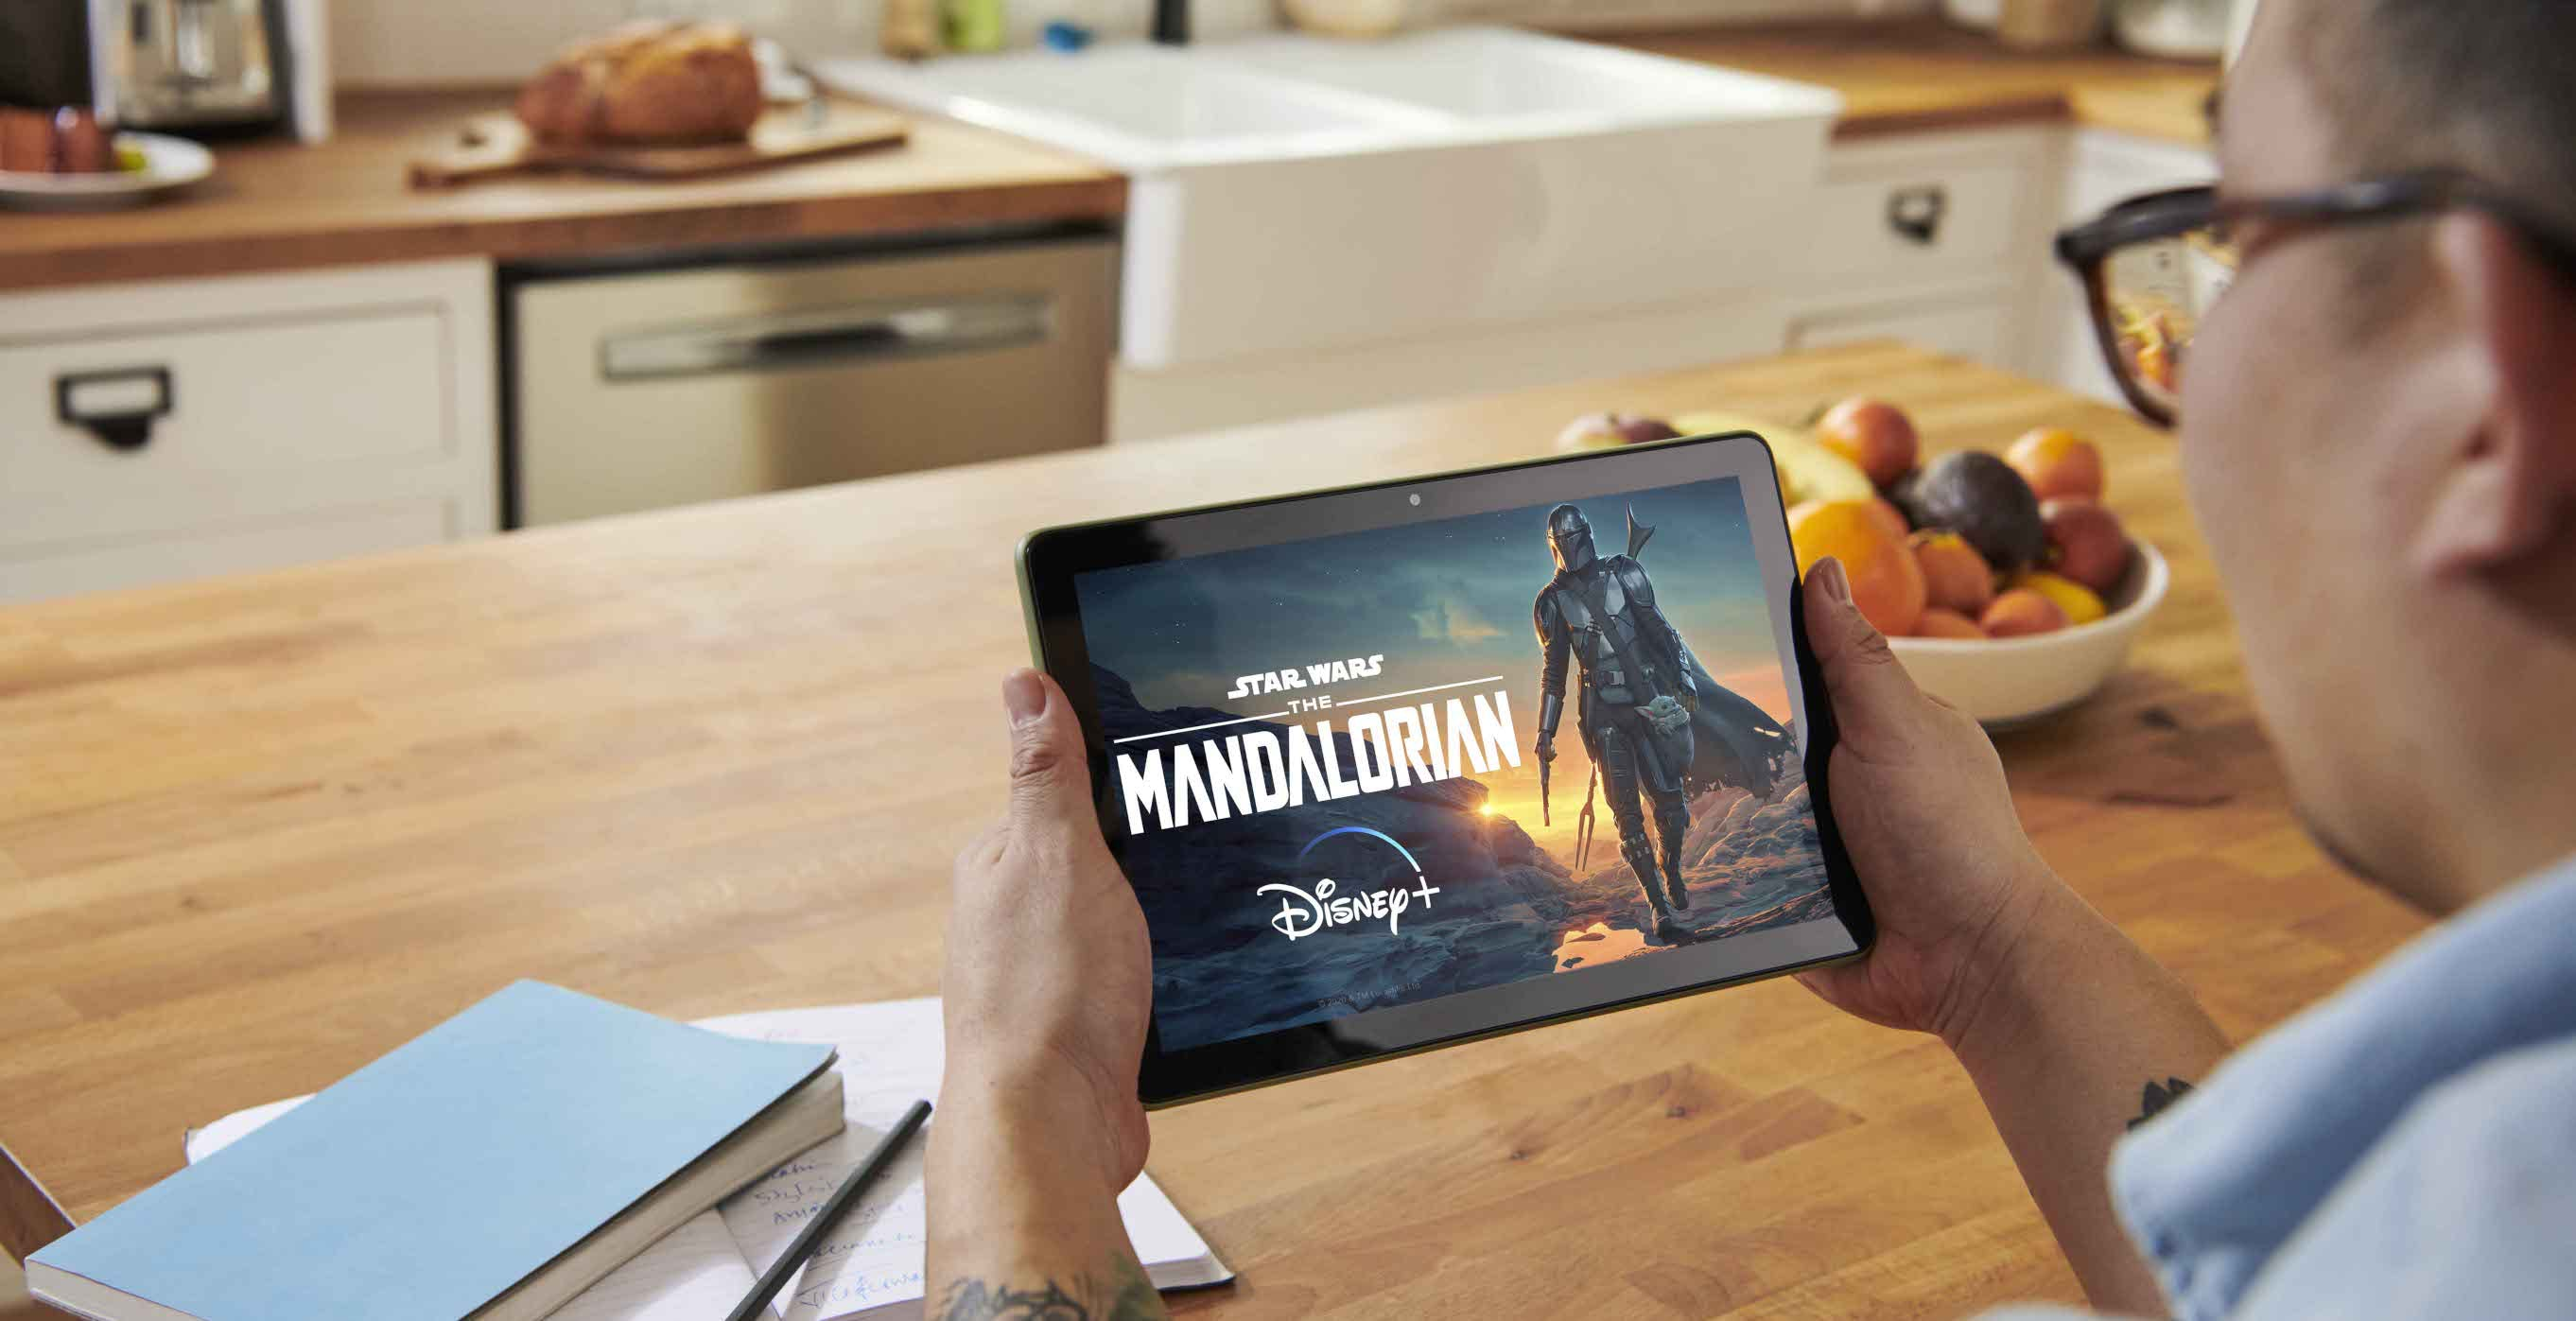 Il nuovo Fire HD 10 di Amazon arriva in Italia. Full HD, processore octa-core e prezzo da 149,99 euro